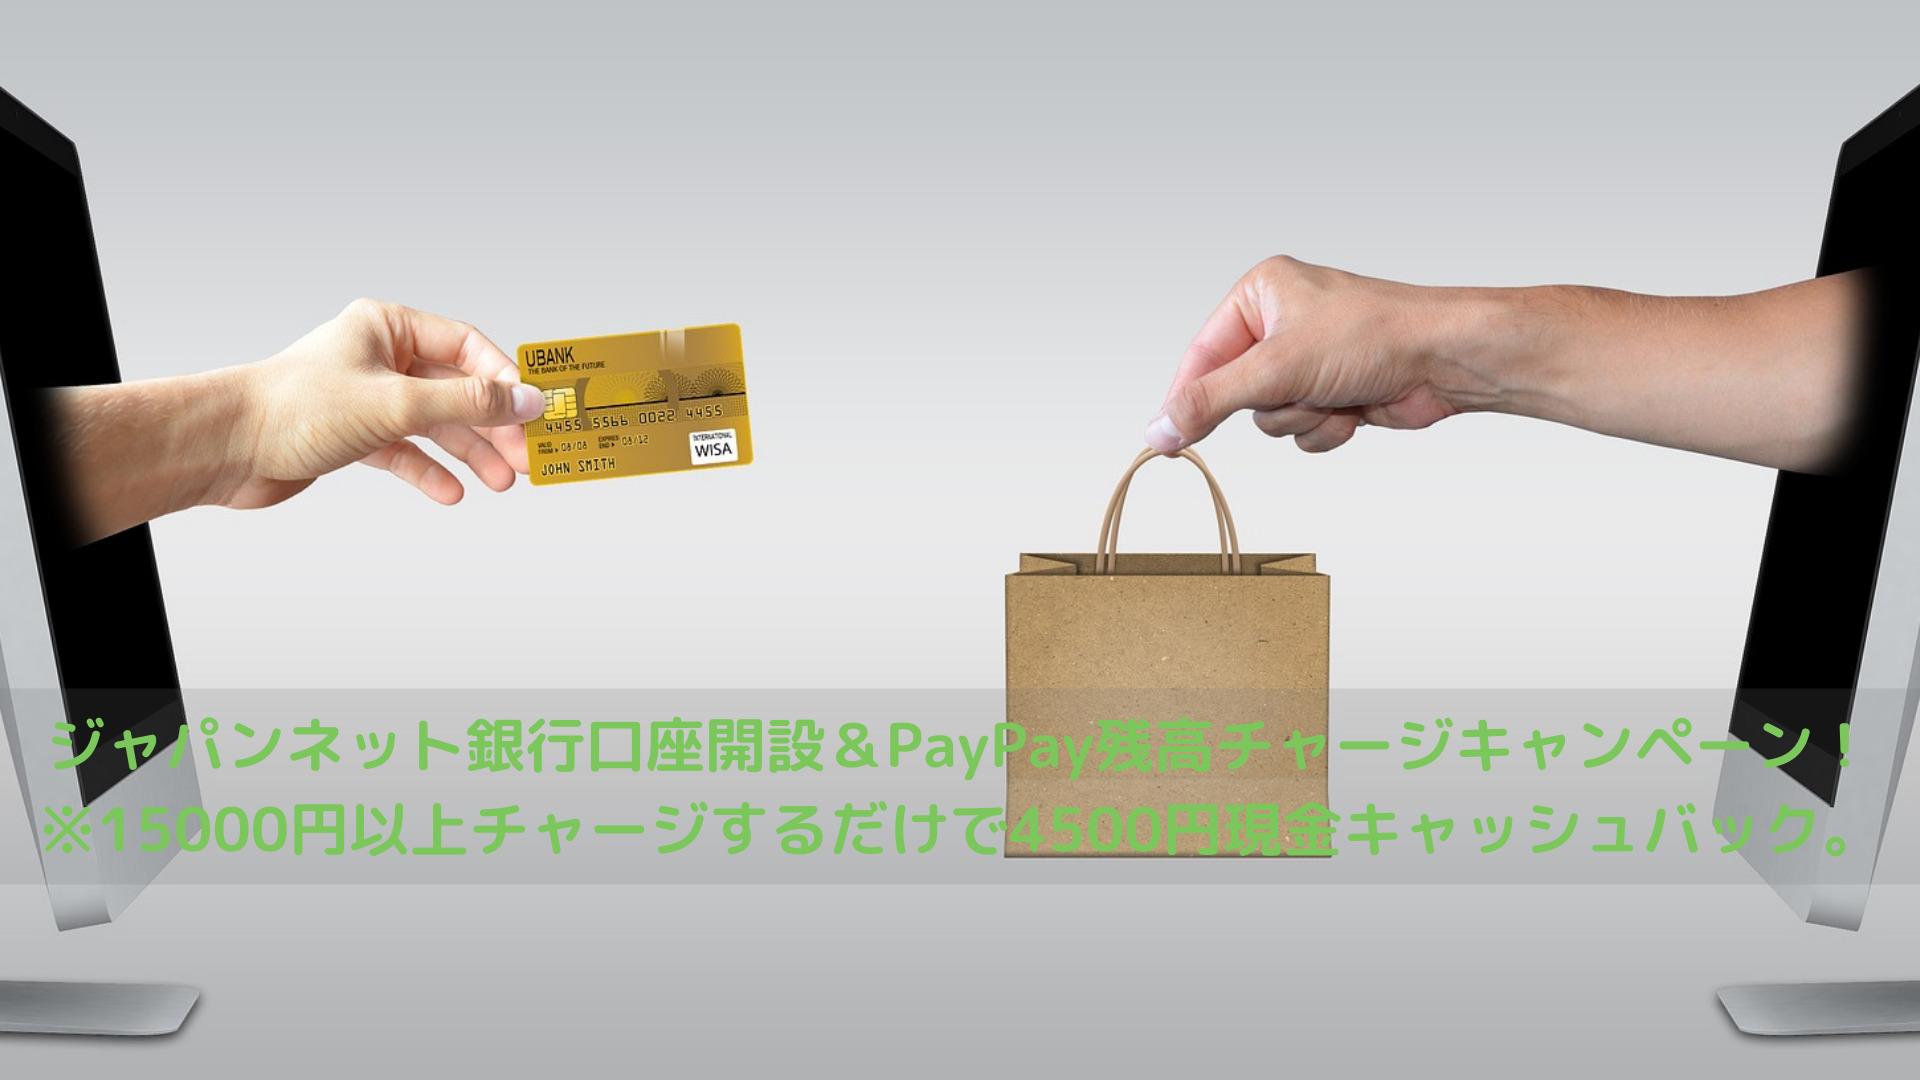 ジャパンネット銀行口座開設&PayPay残高チャージキャンペーン!※15000円以上チャージするだけで4500円現金キャッシュバック。